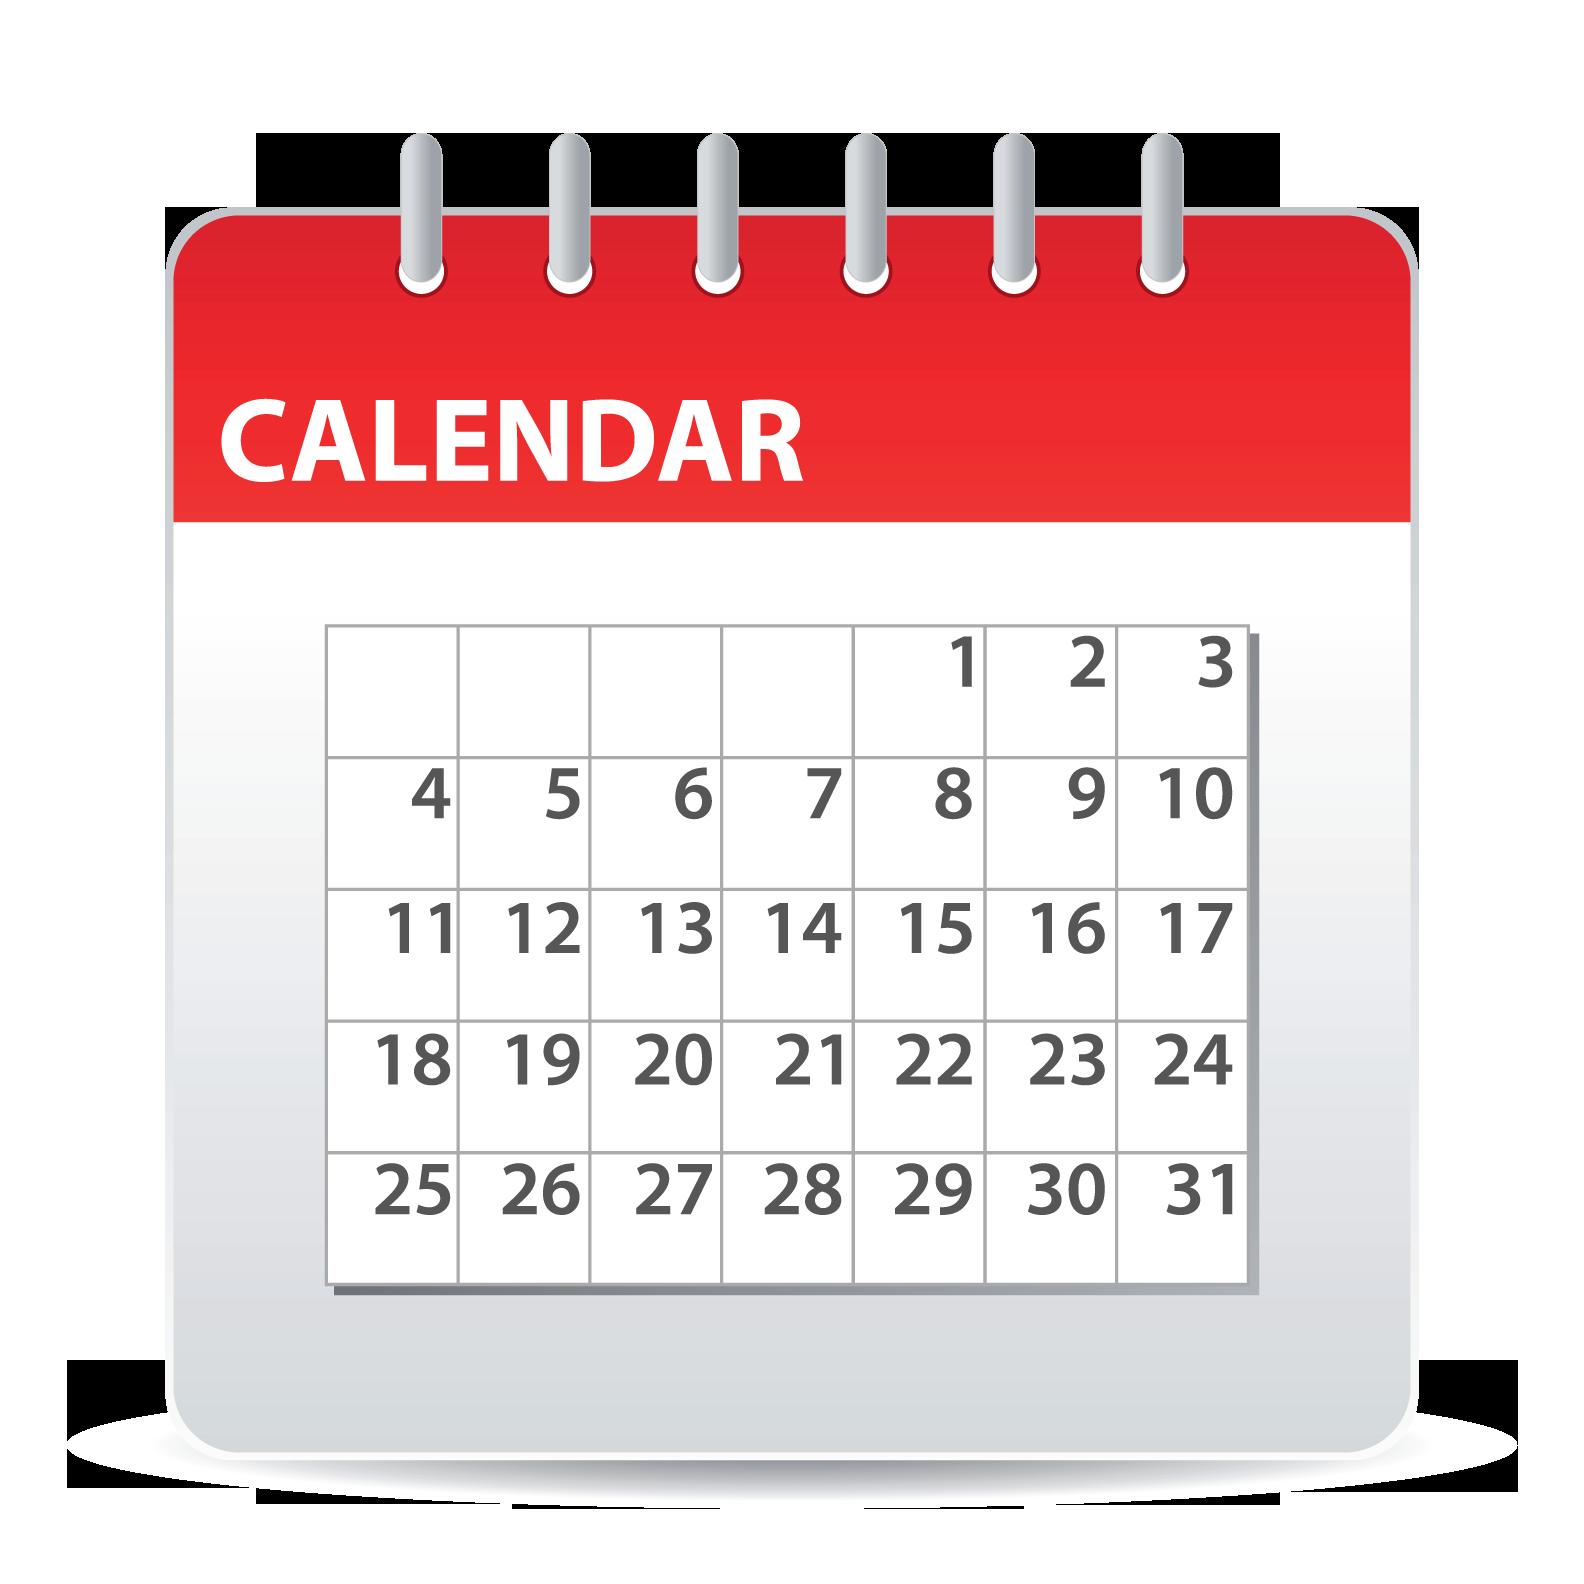 Services Calendar